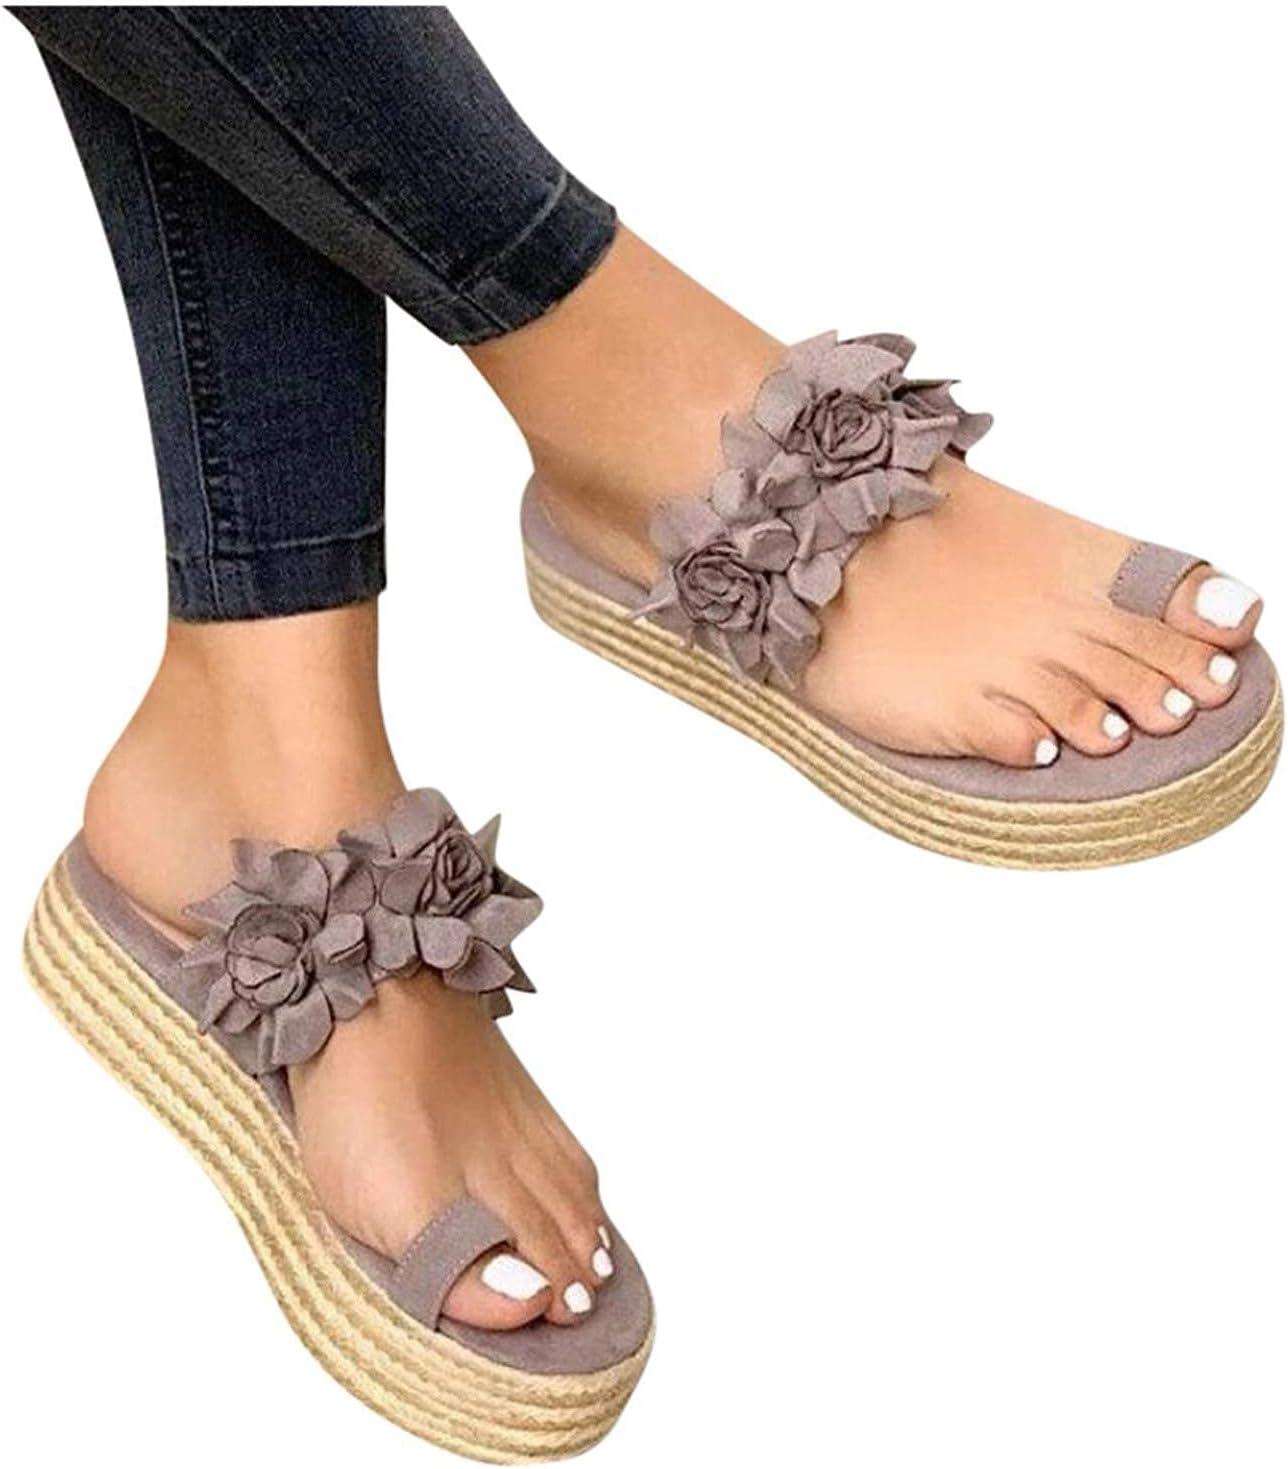 ZBYY WOMENS WEDGES 샌들 발가락 반지 웨지 슬리퍼 플랫폼 편안한 산책 신발 편안한 플립 플롭 검투사 샌들